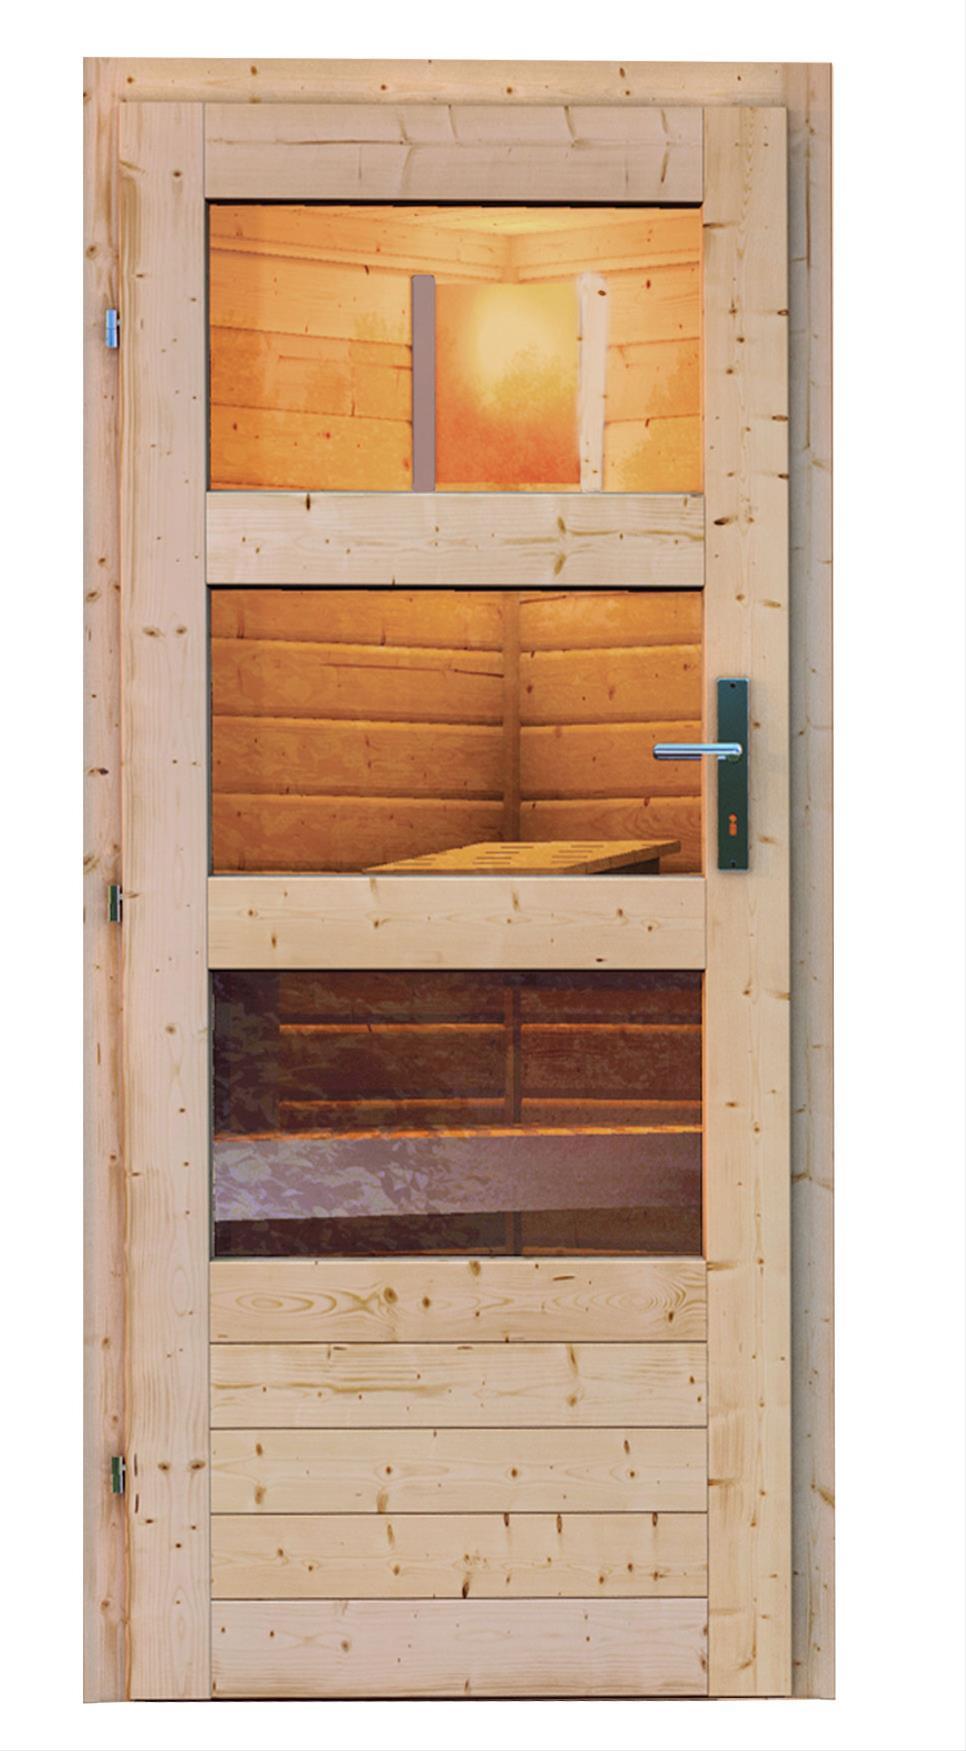 Gartensauna Karibu Saunahaus Kroge 38mm Ofen 9kW extern Tür modern Bild 5